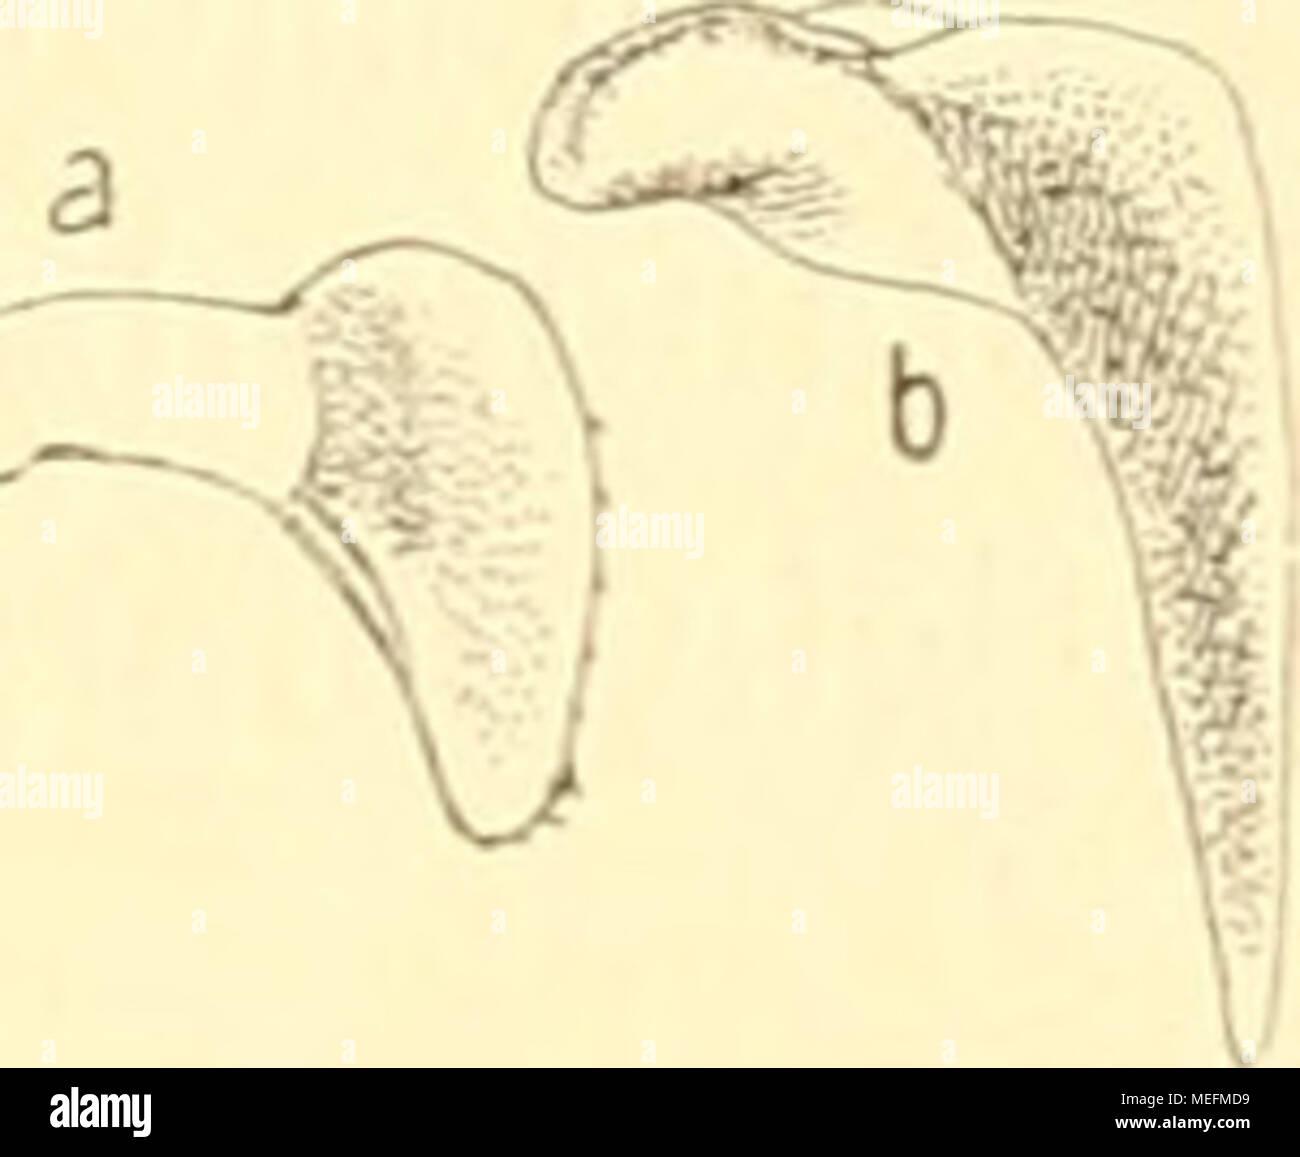 Ungewöhnlich Menschliche Anatomie Und Physiologie Notizen ...